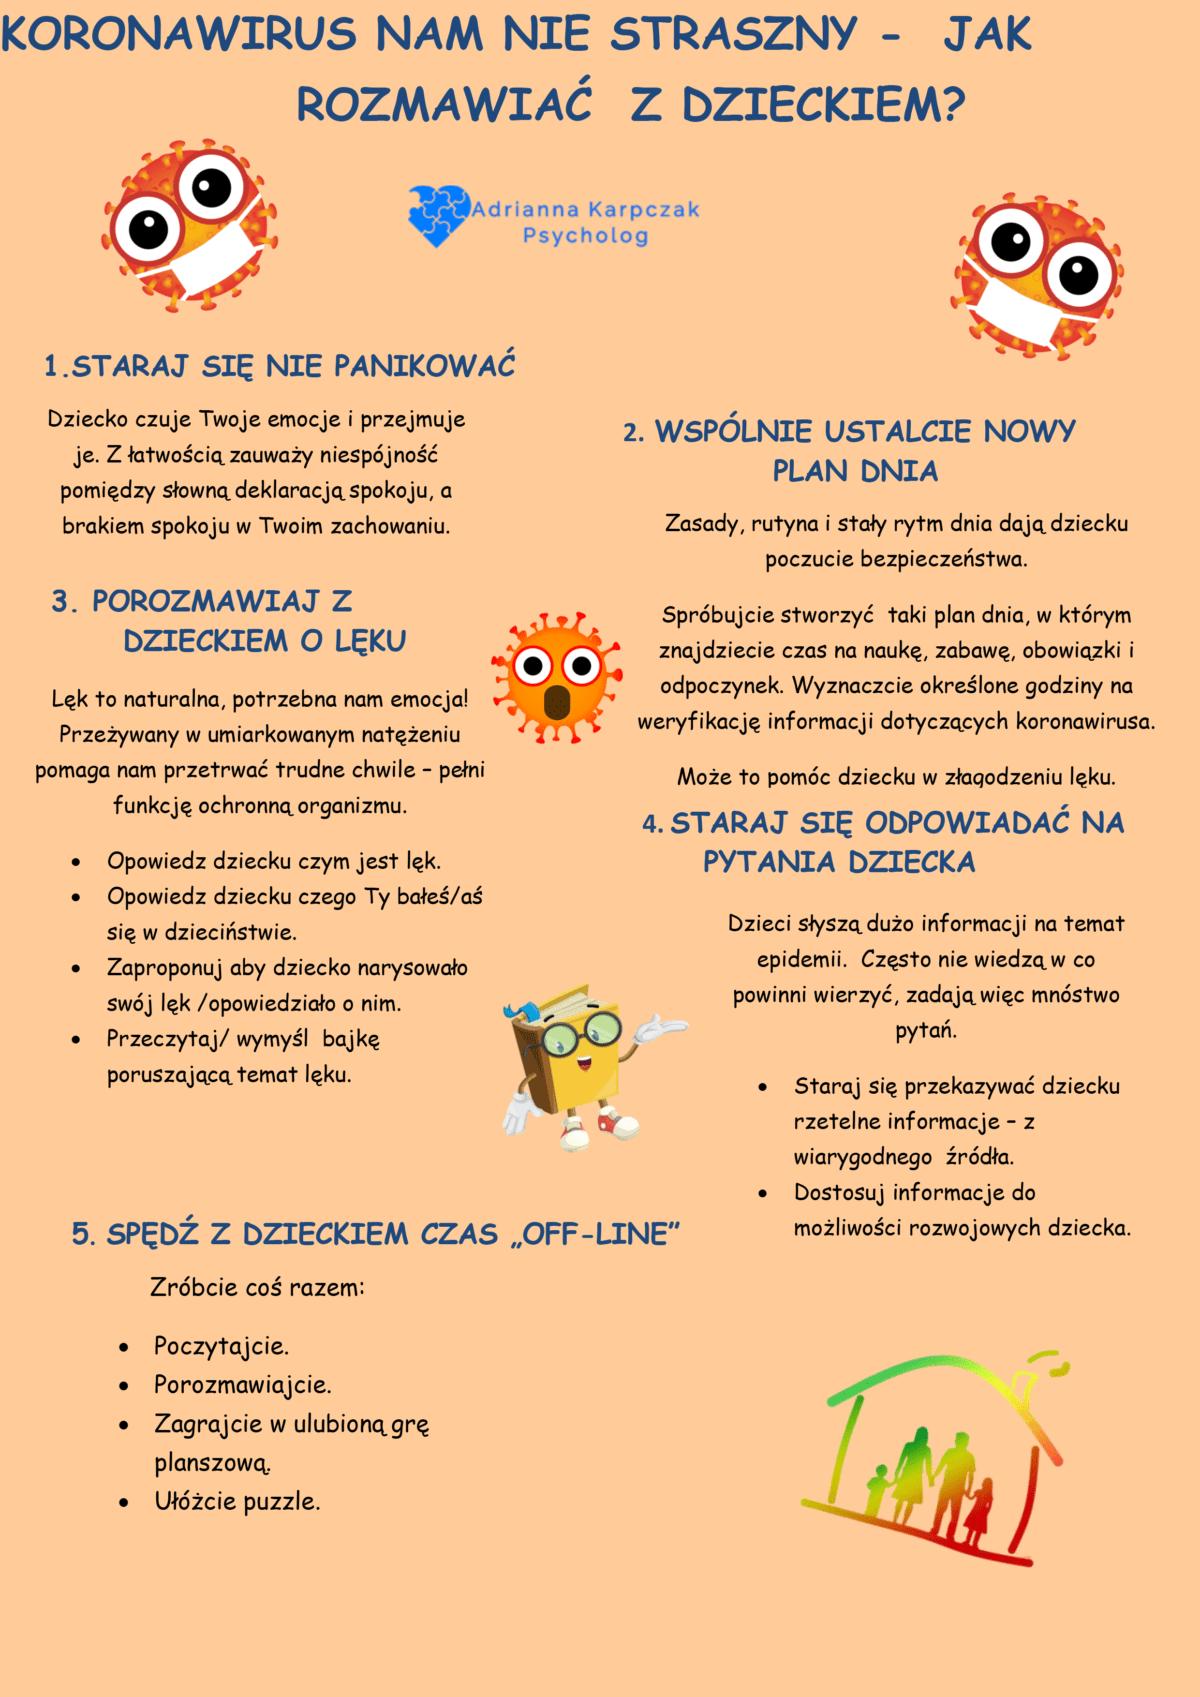 Koronawirus nie straszny jak rozmawiać z dzieckiem.